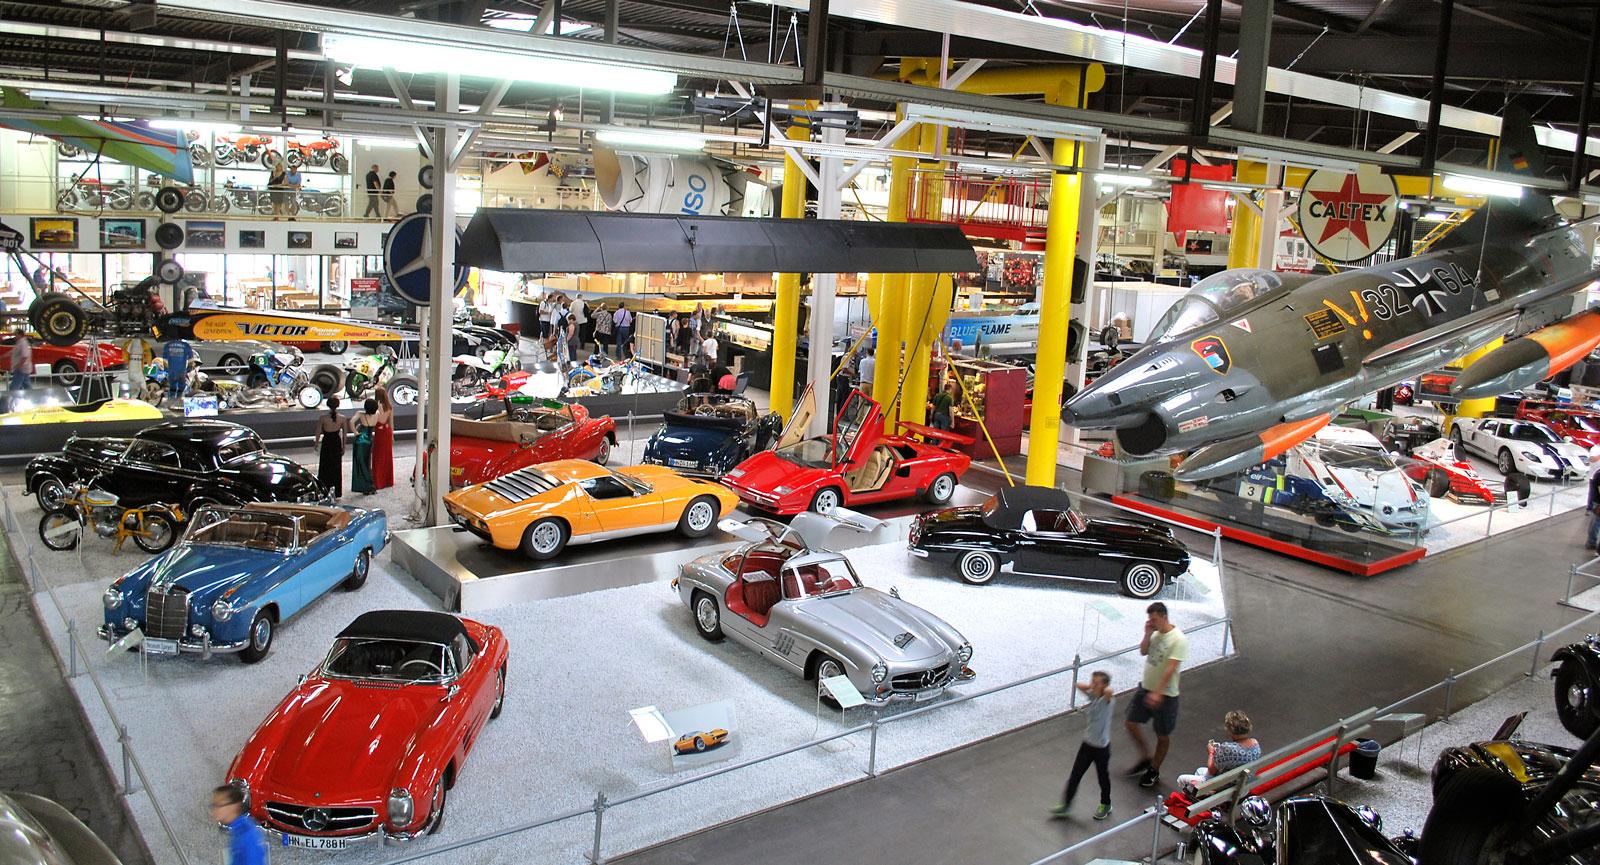 Museet är en dröm för den teknikintresserade med allt från klassiska sportbilar till tyska stridsplan.